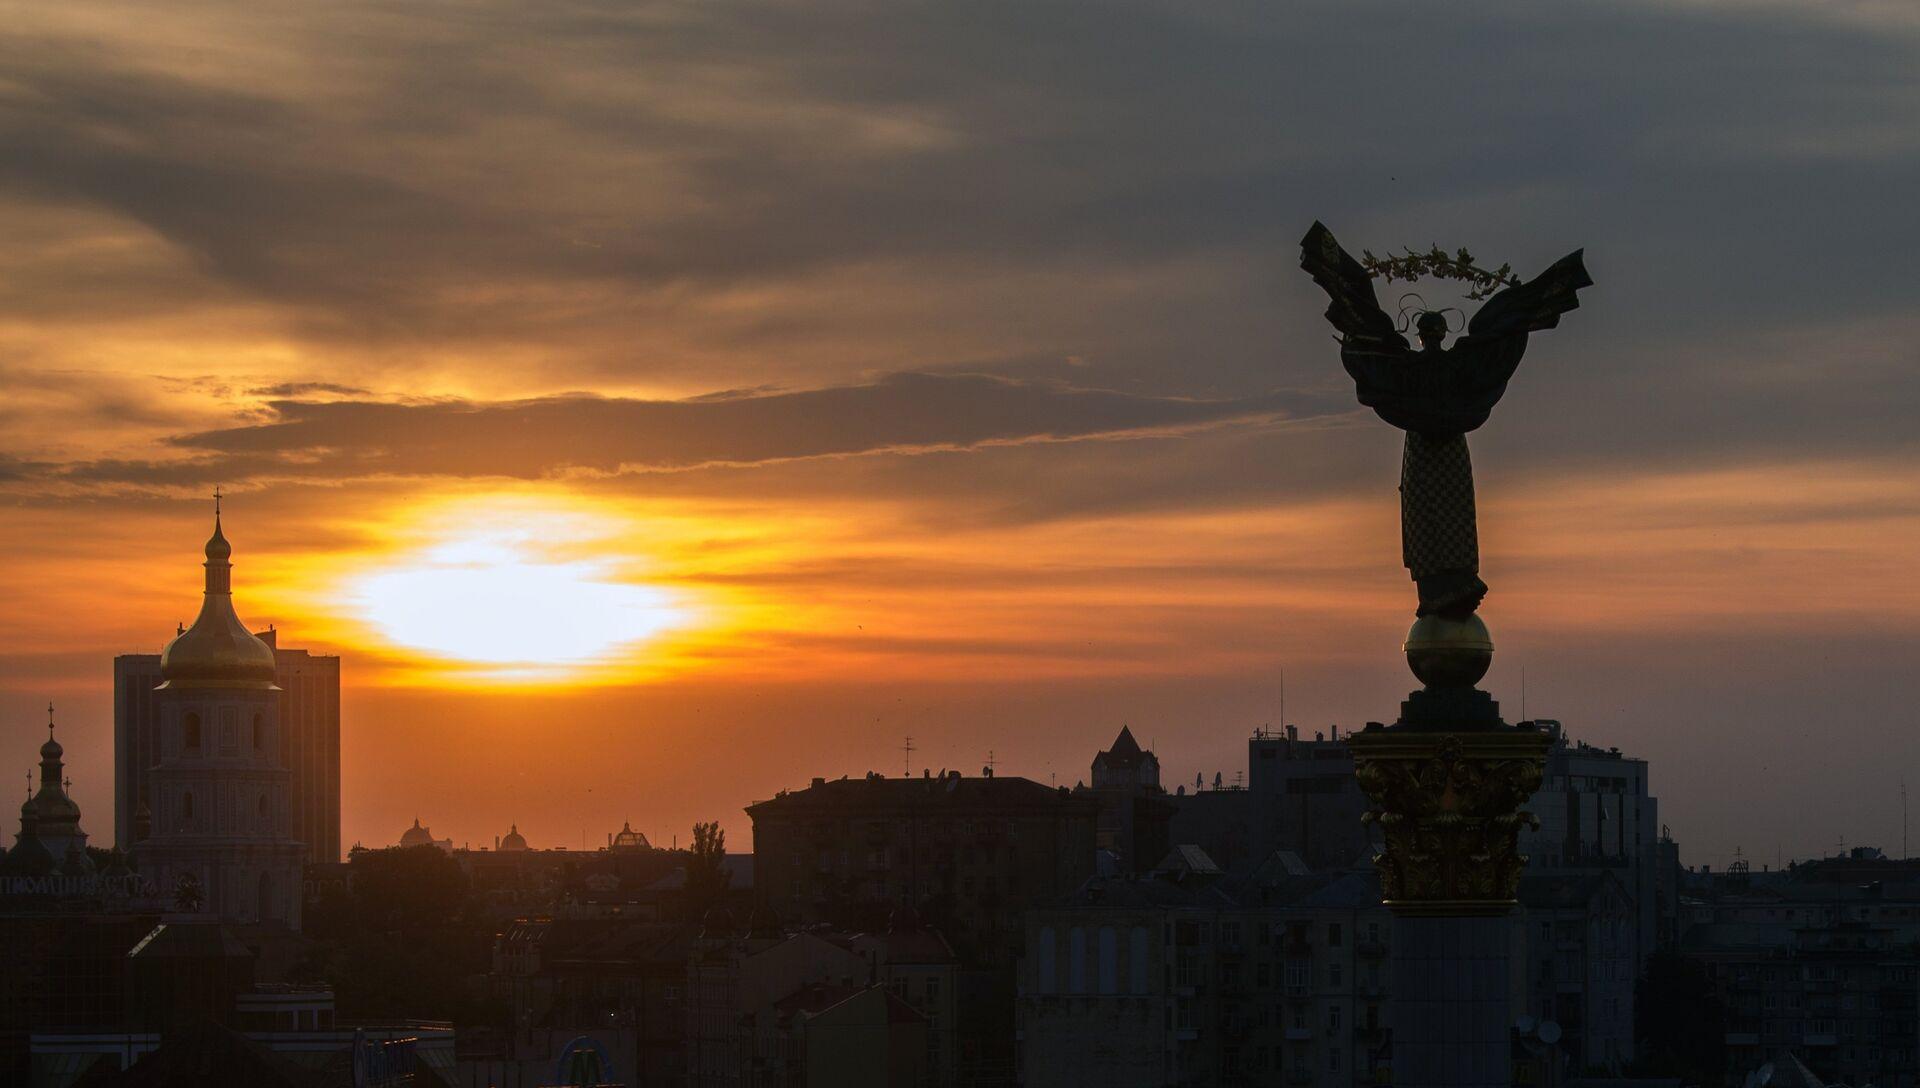 Площадь Независимости в Киеве - РИА Новости, 1920, 10.02.2021